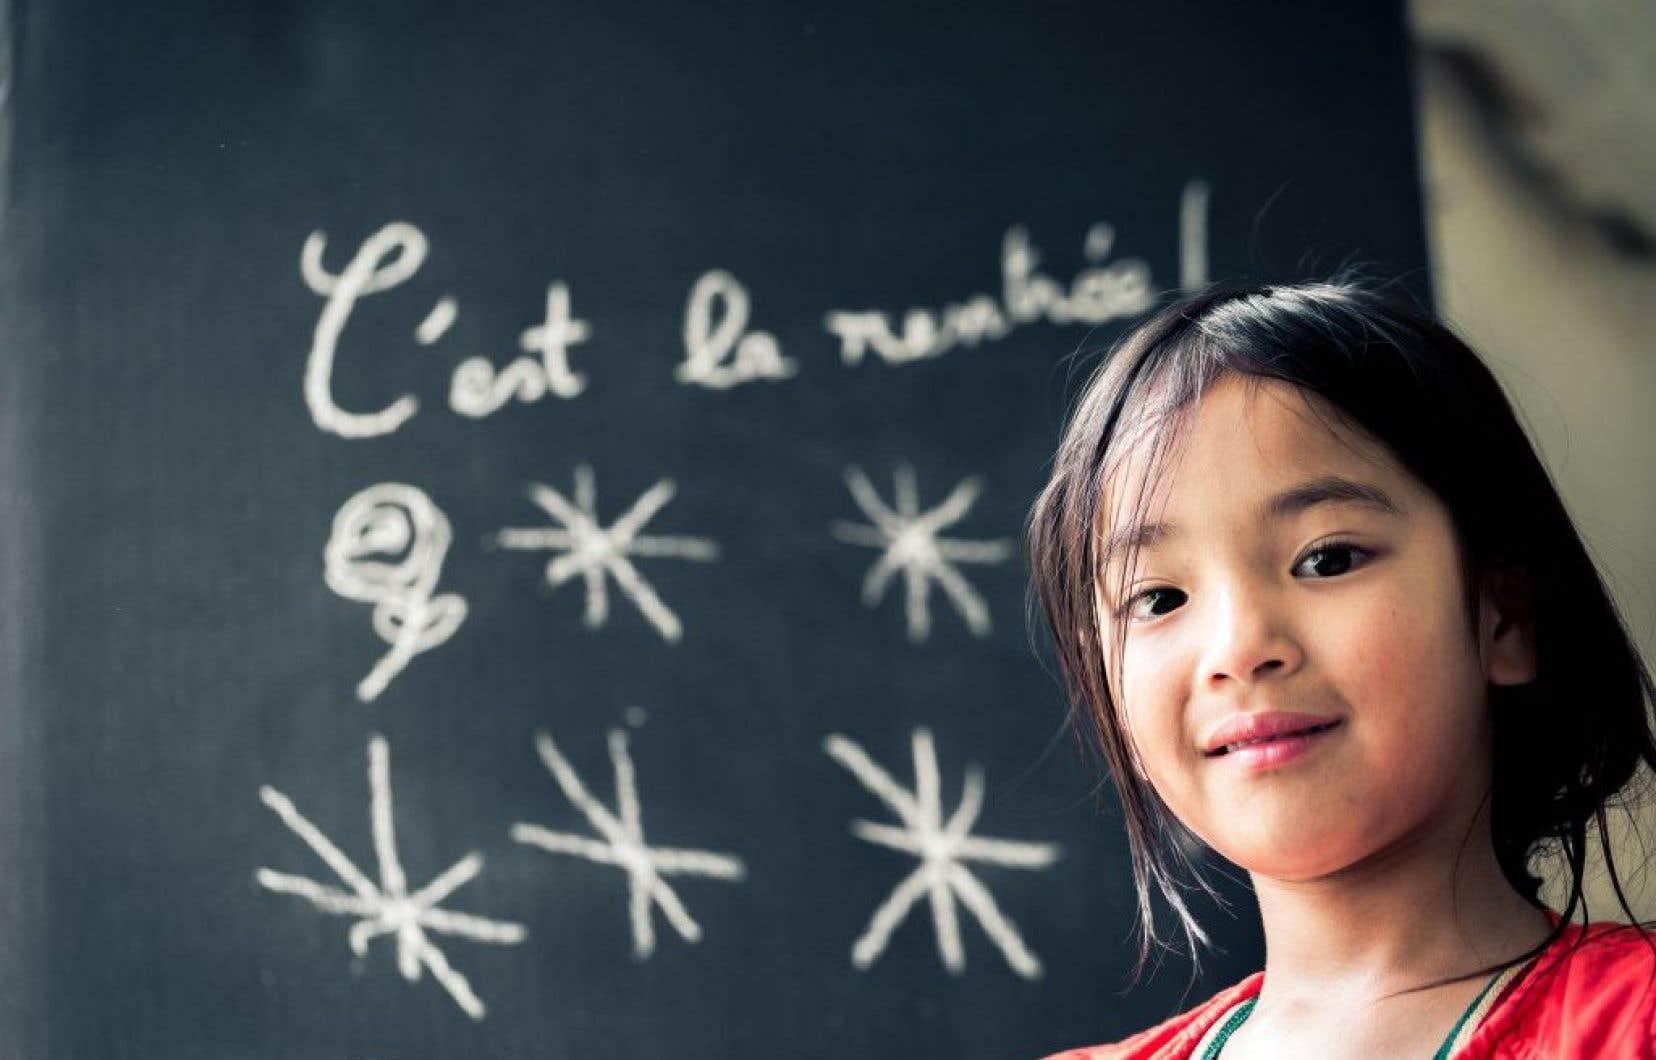 En plus des Français, la communauté francophone de la région compte des Belges, des Suisses, mais aussi des Québécois.